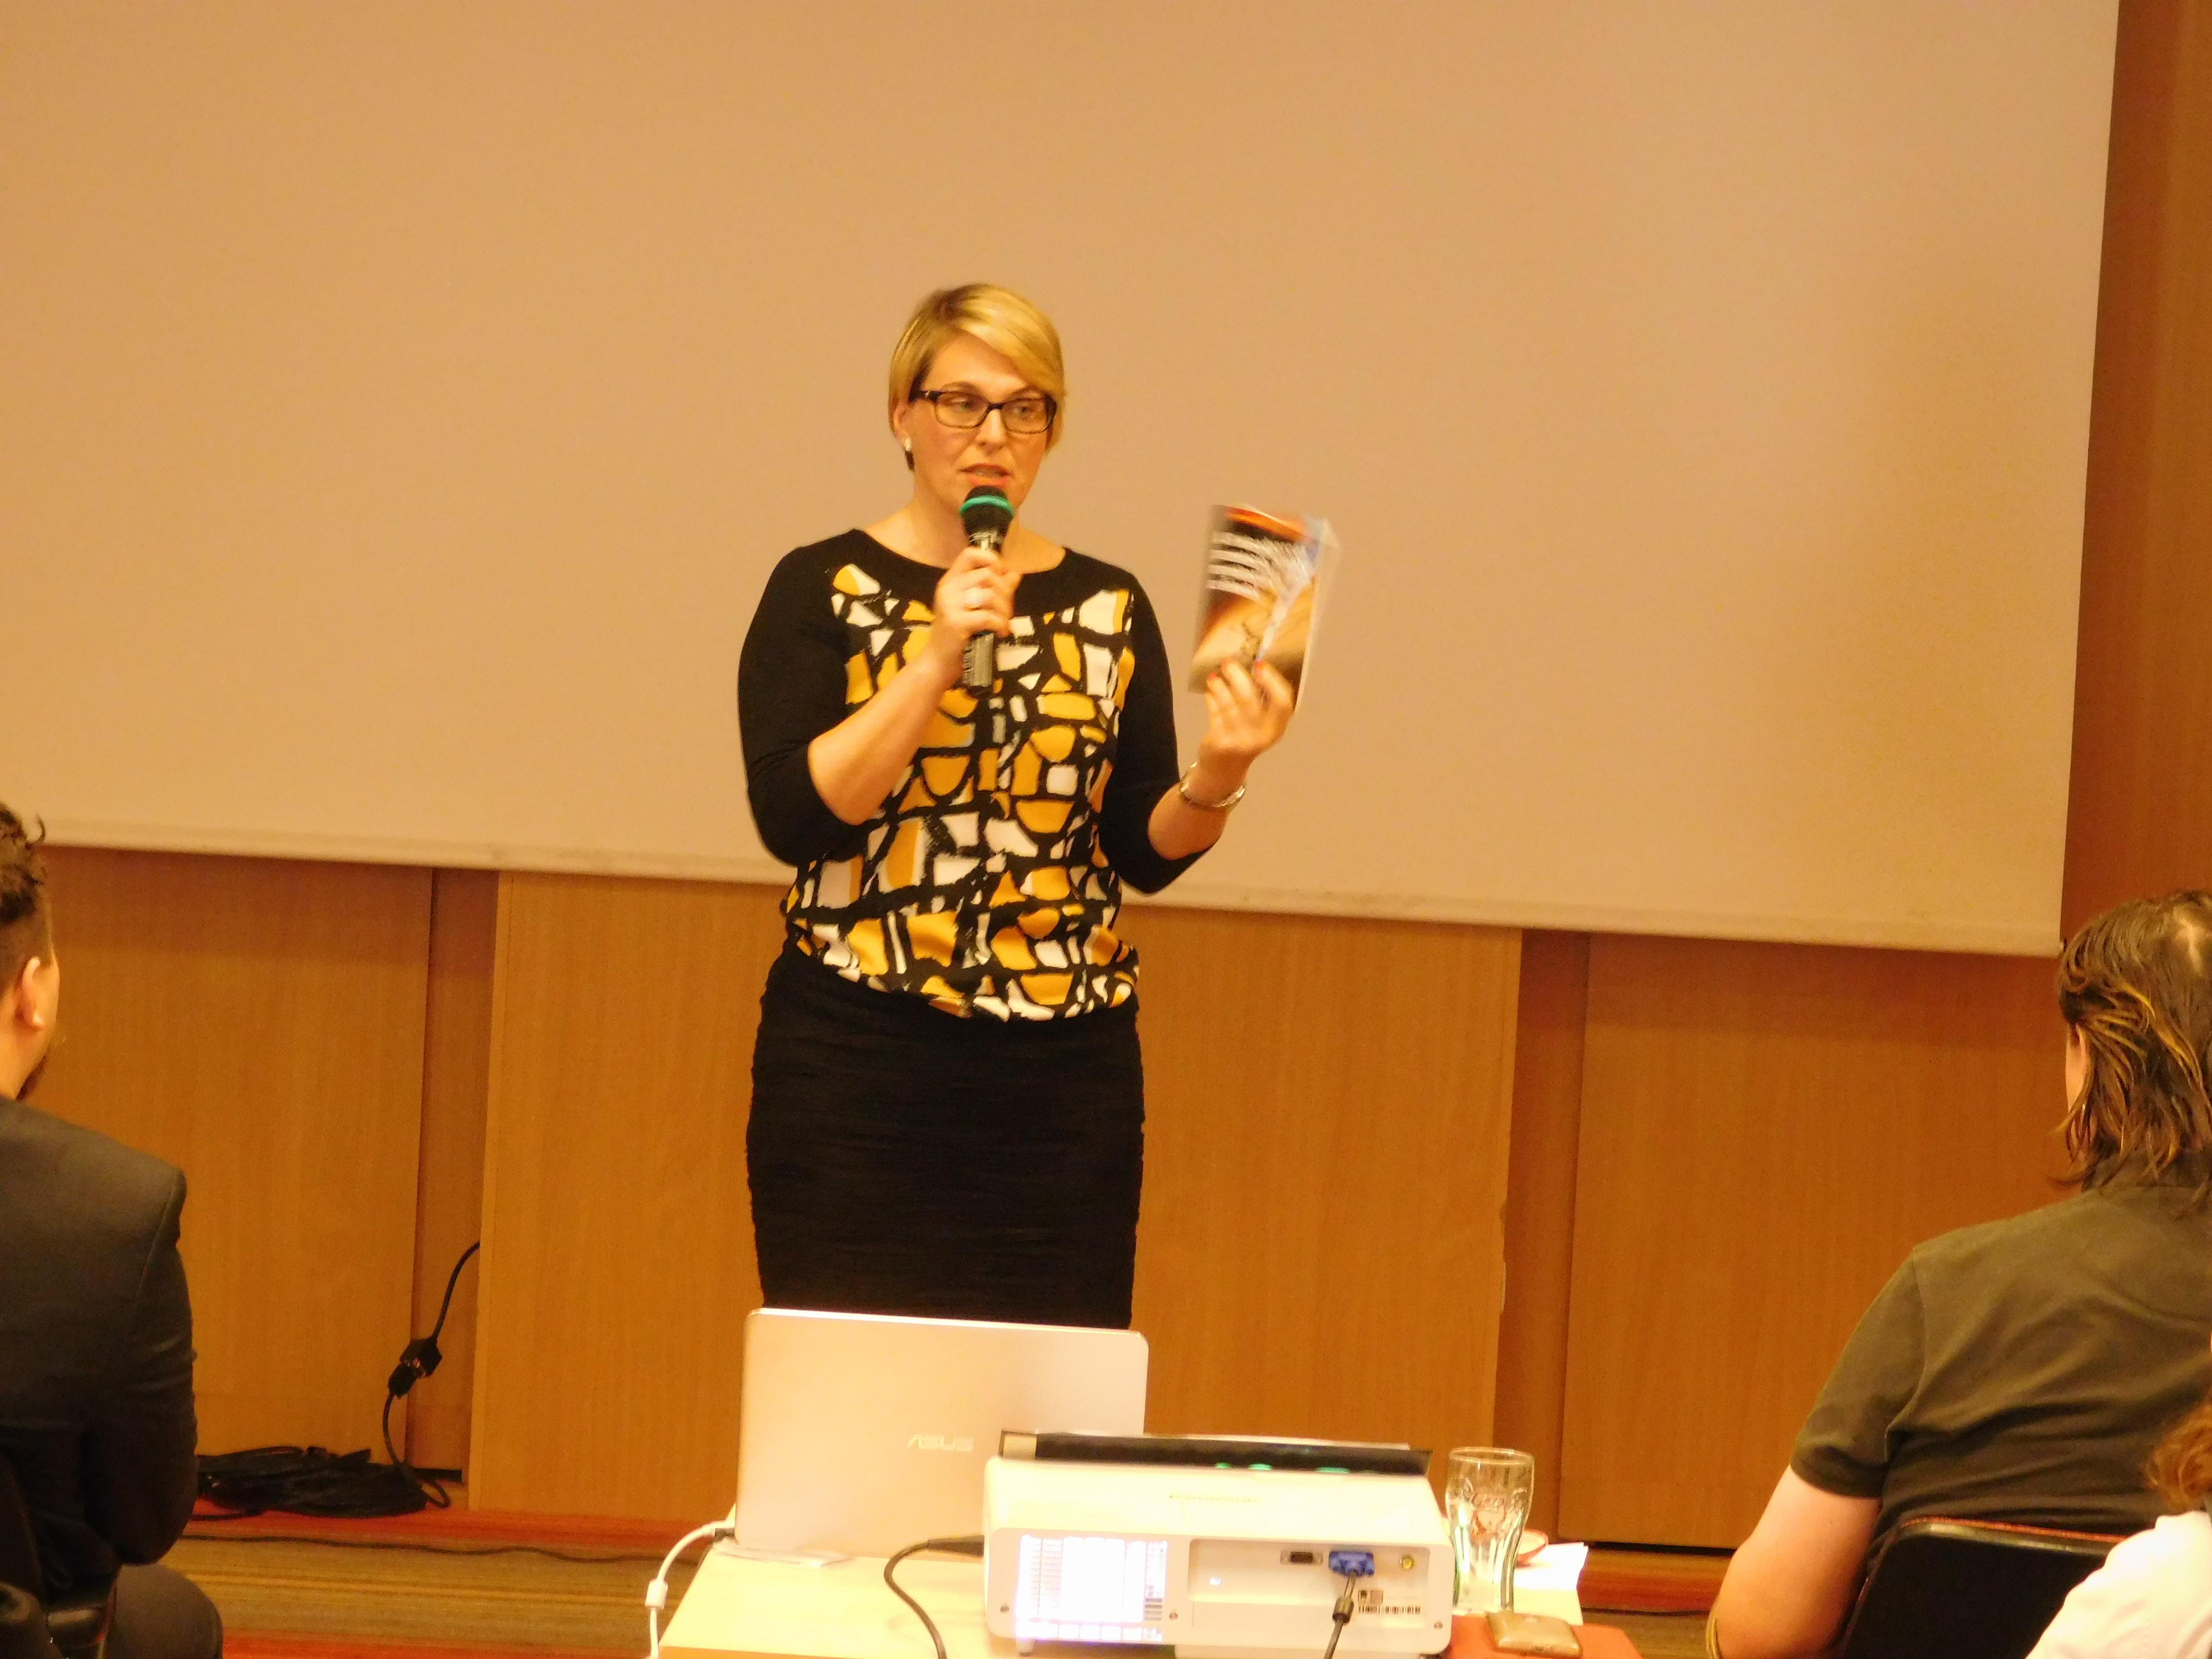 Holman Krisztina az önképzés fontosságáról beszélt